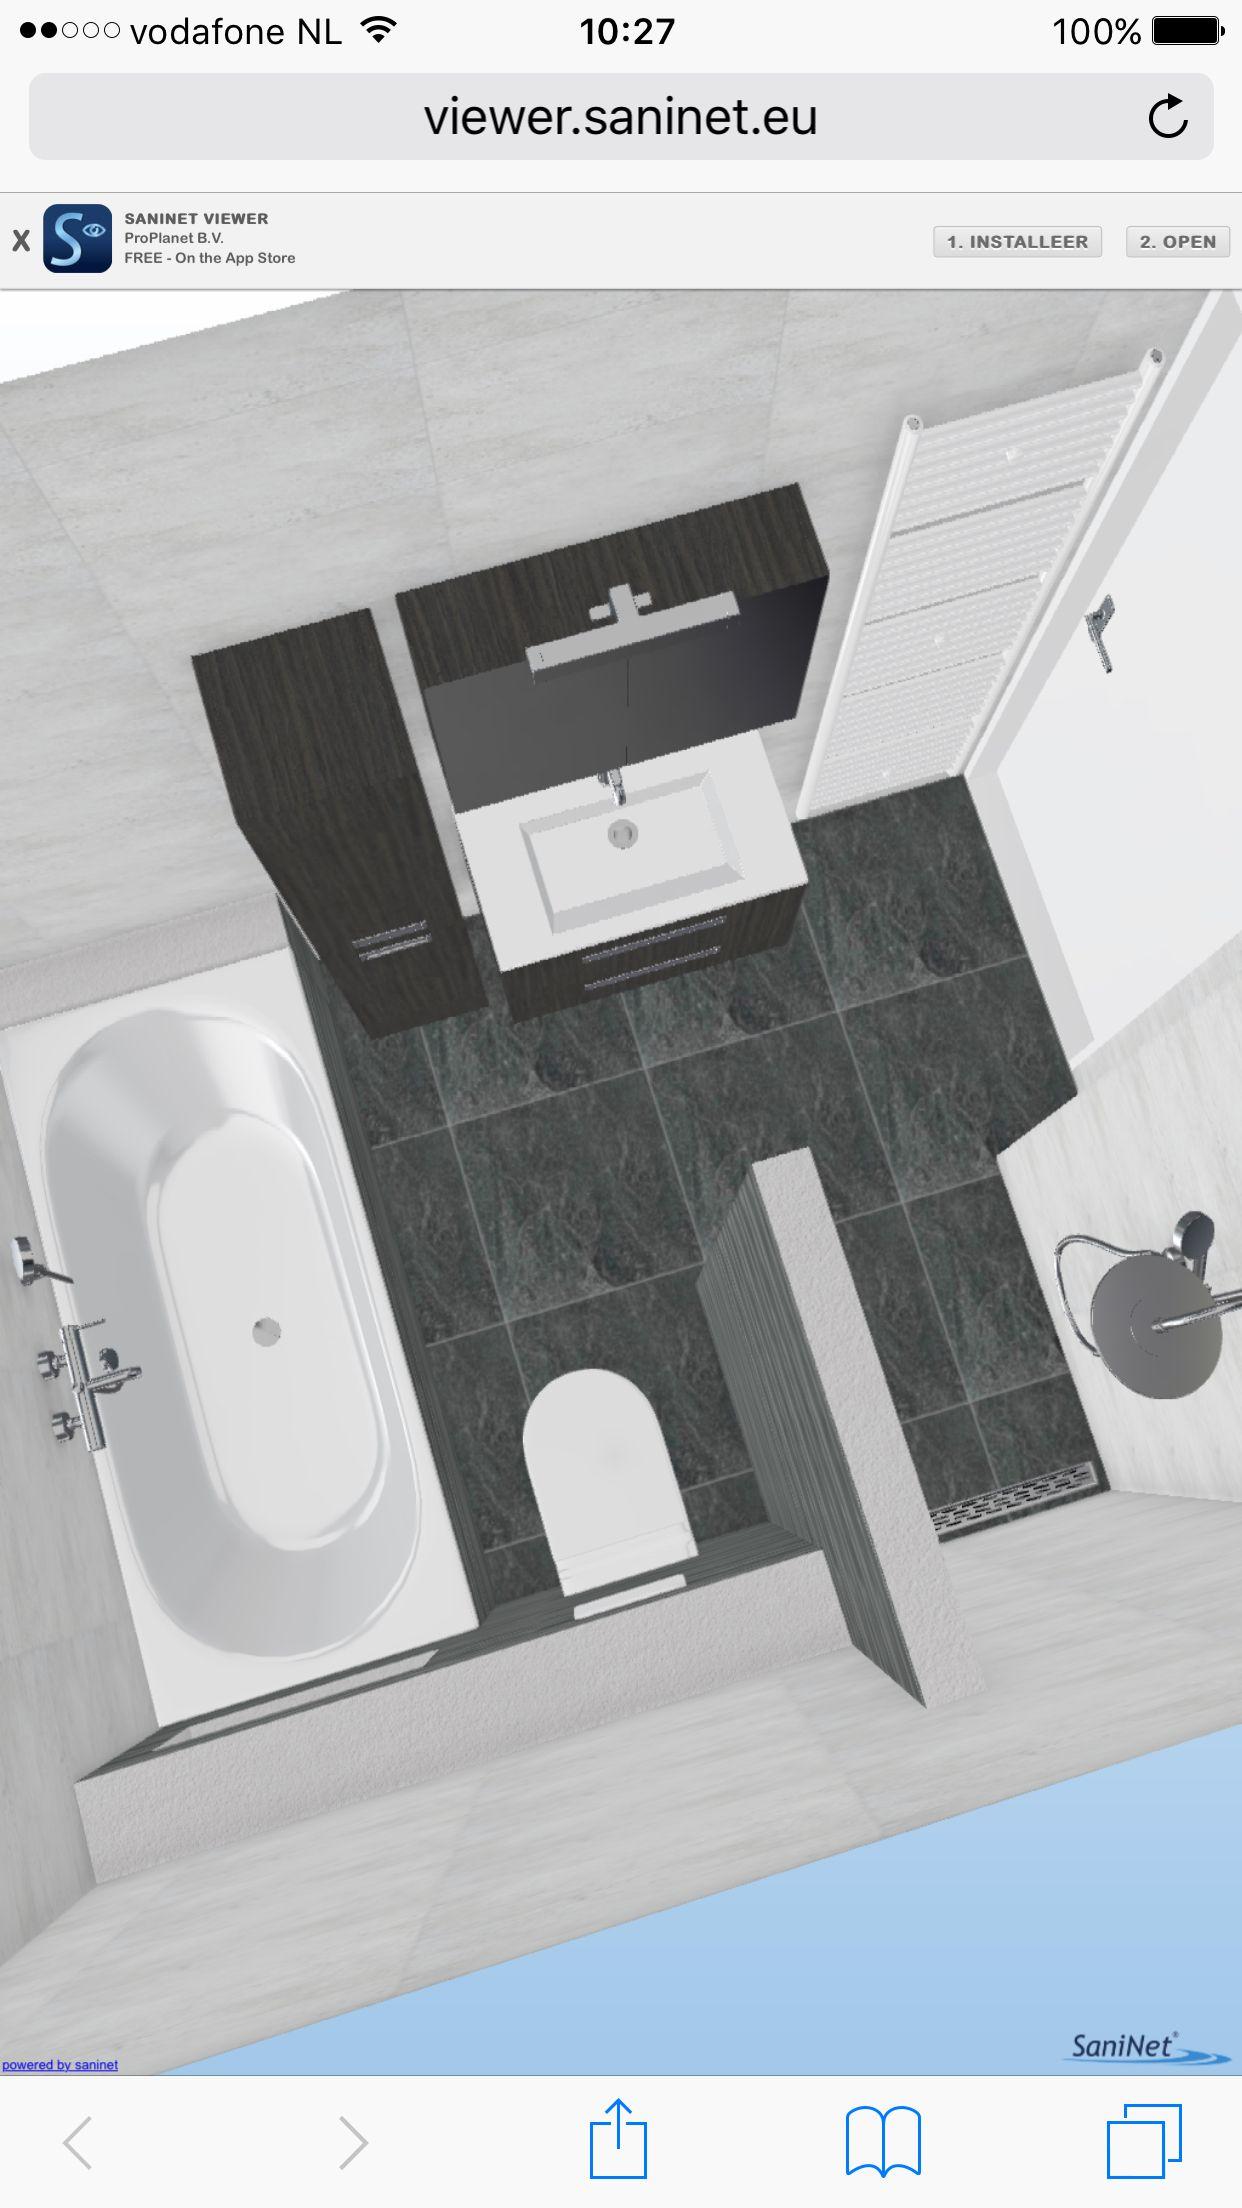 badkamer 3d tekening